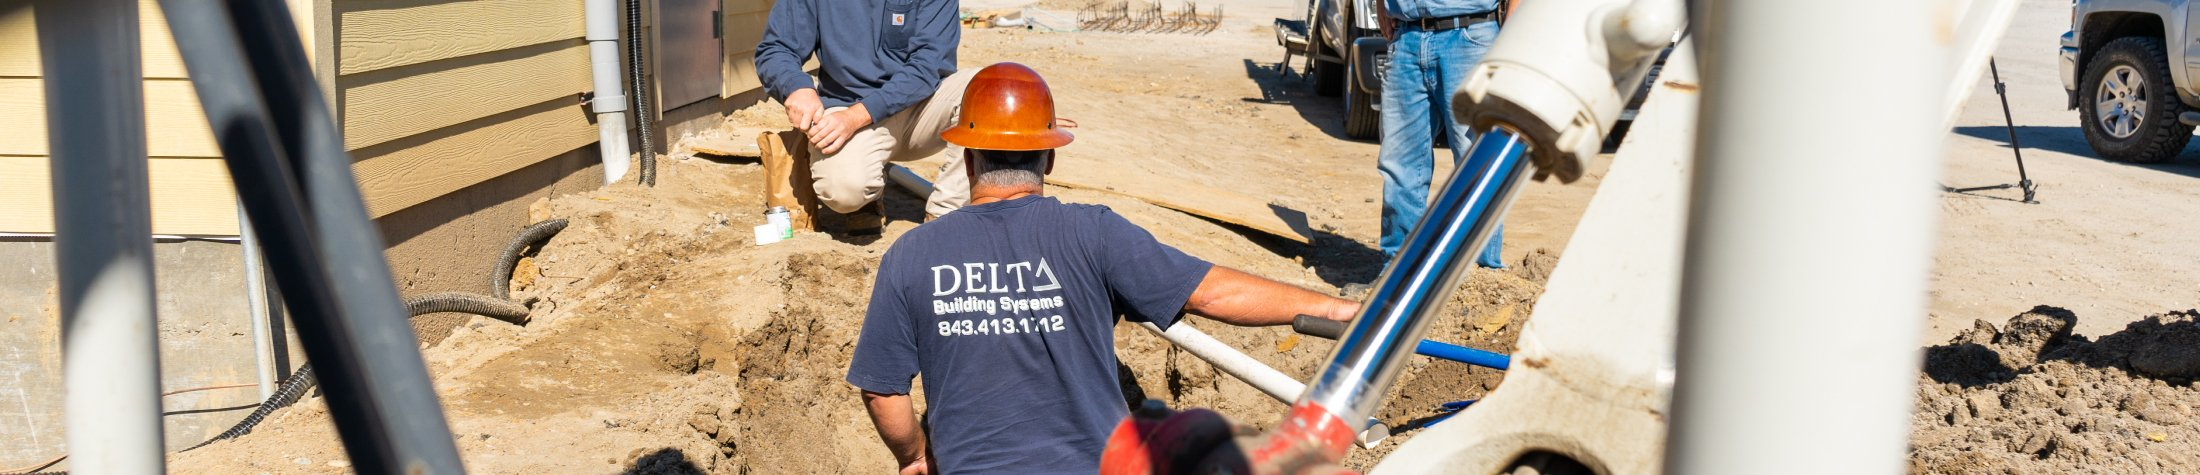 Delta-Contact